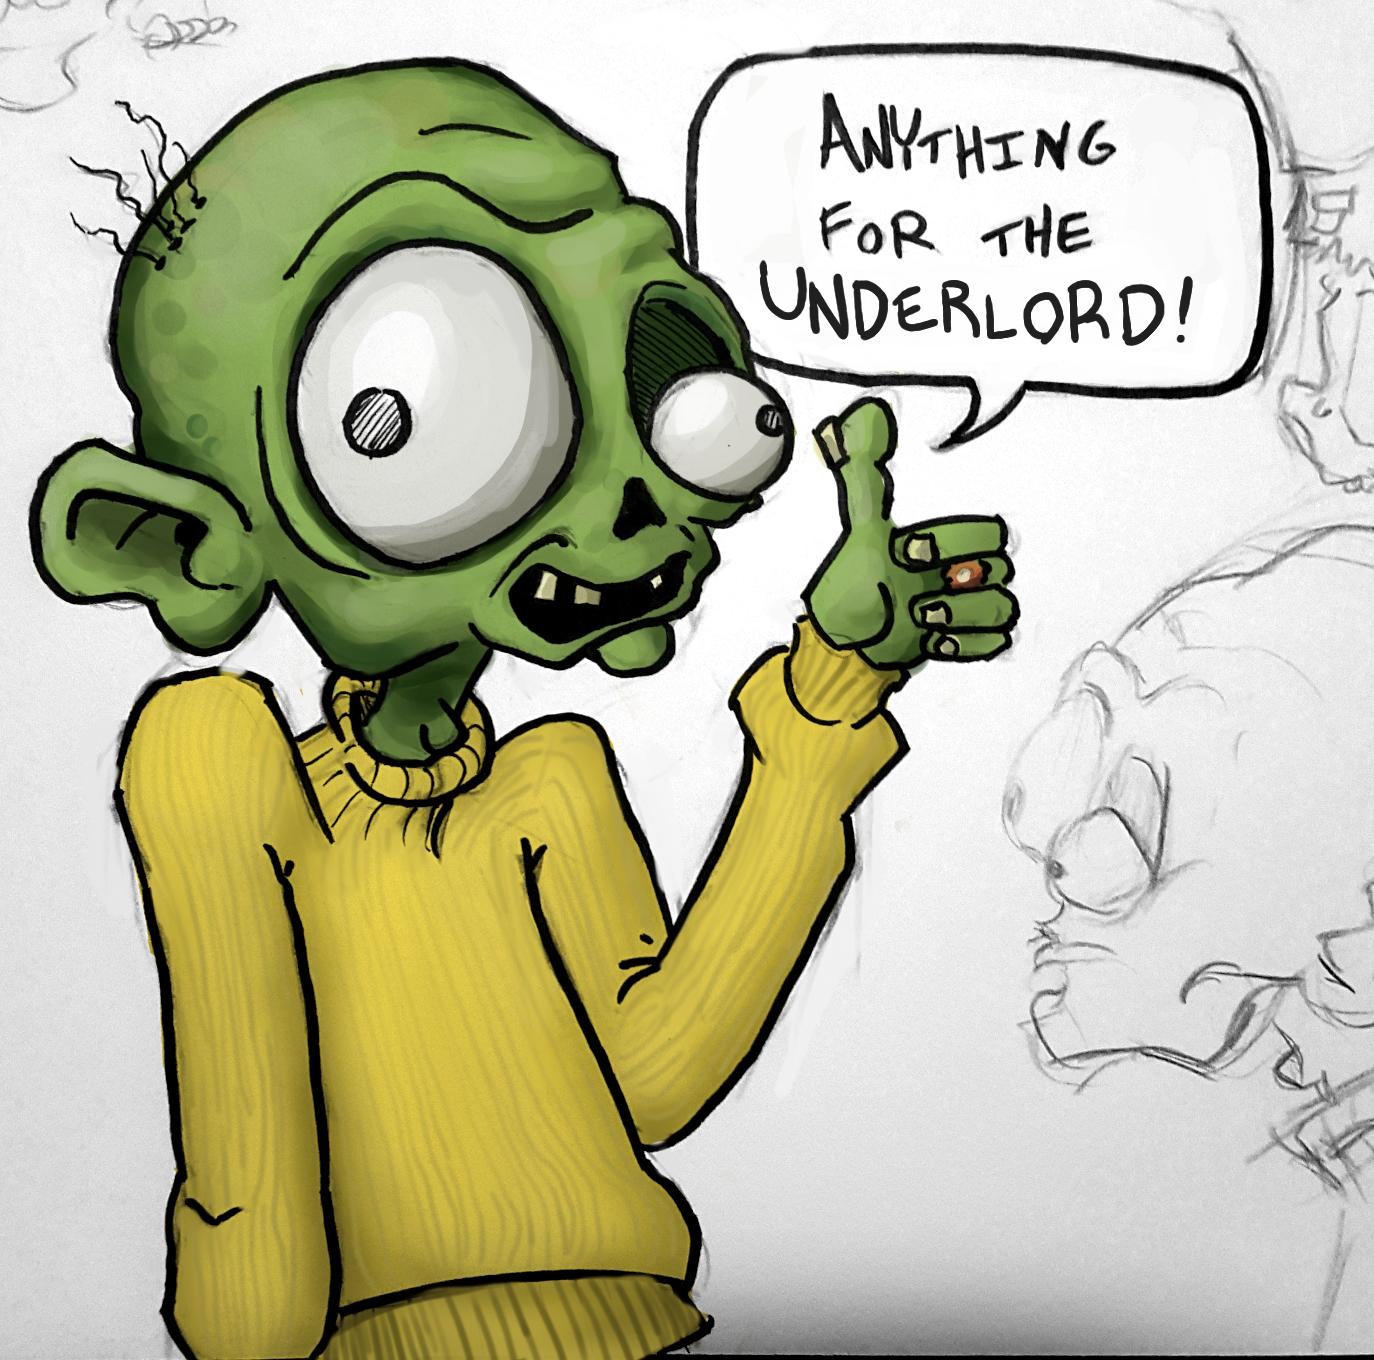 McGuffin: Underworld Zombie